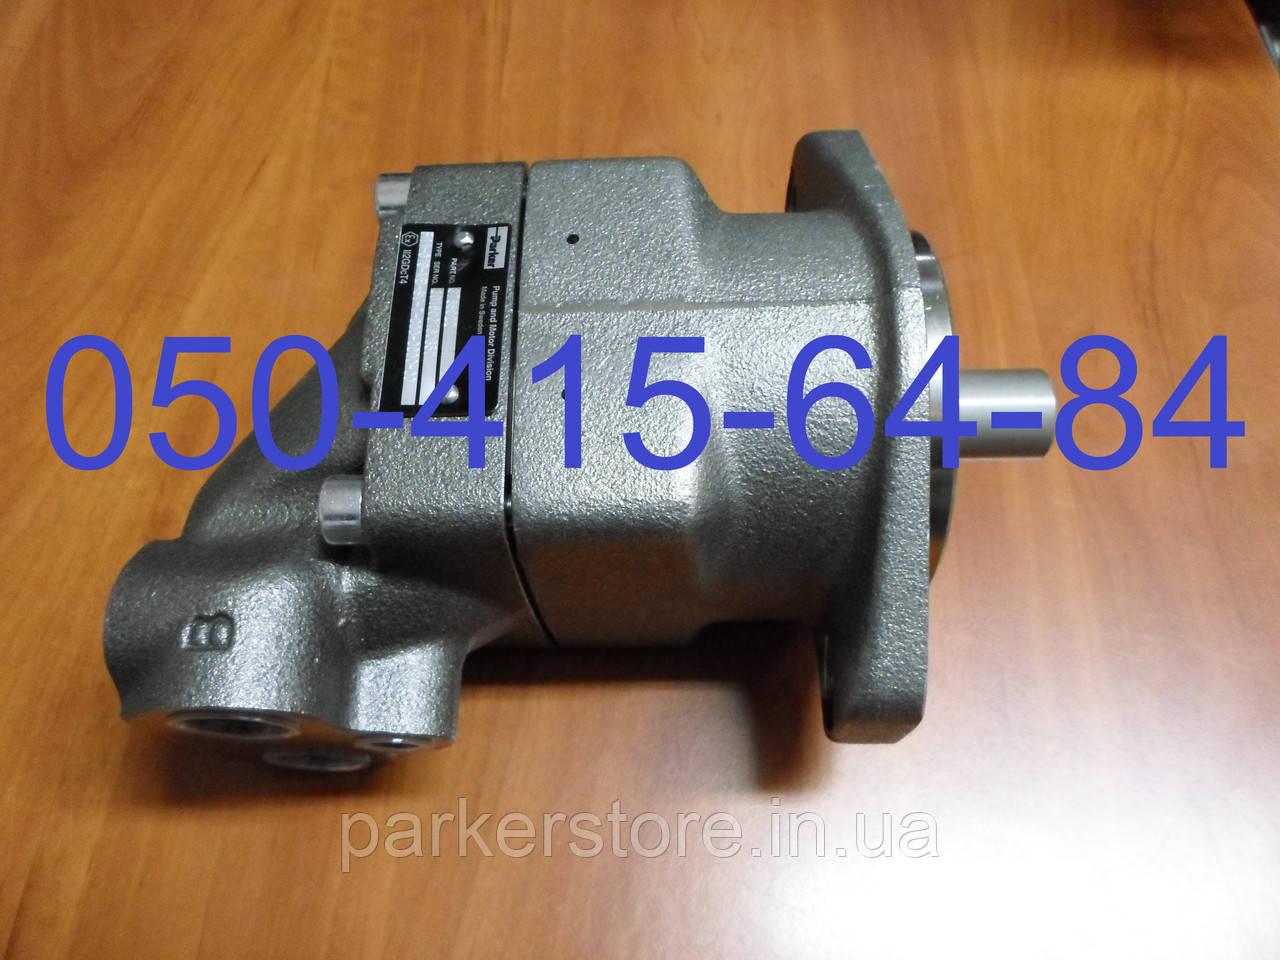 Гидромоторы Parker серии F11-010 по низкой цене от официального дистрибьютора в Украине